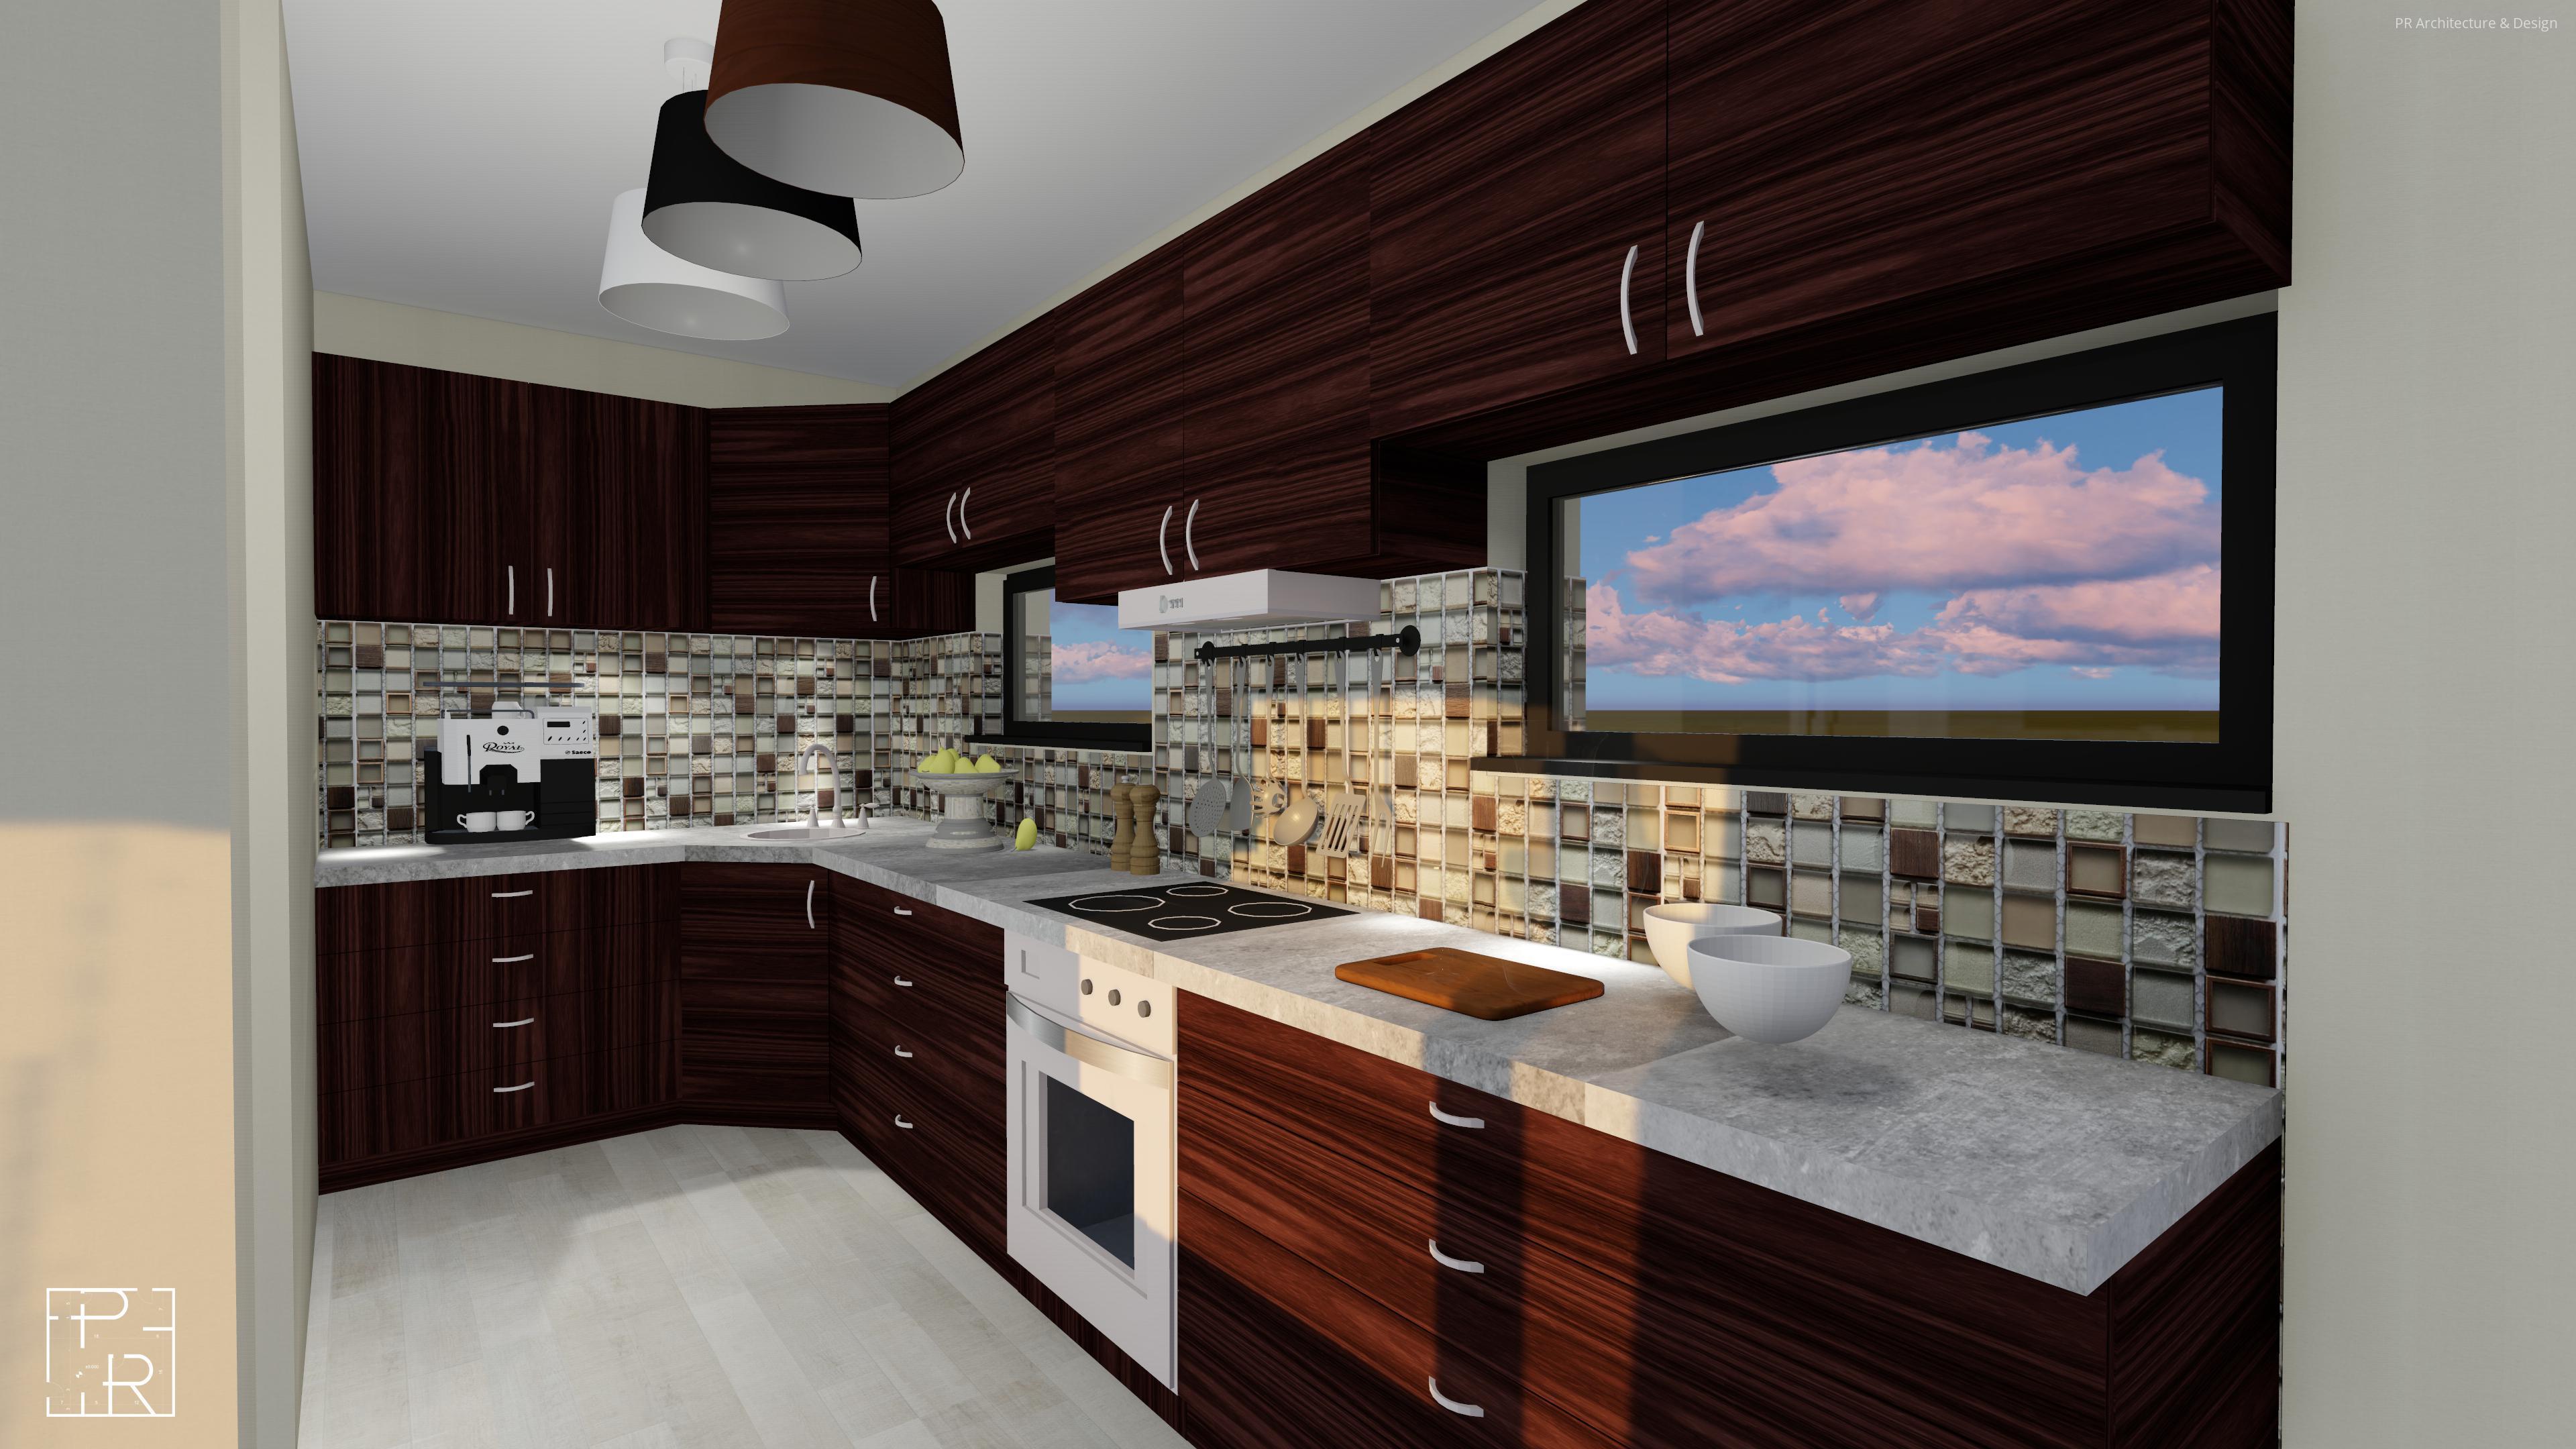 Egyedi falburkolat a konyhában // HOMEINFO.hu - Inspirációtár